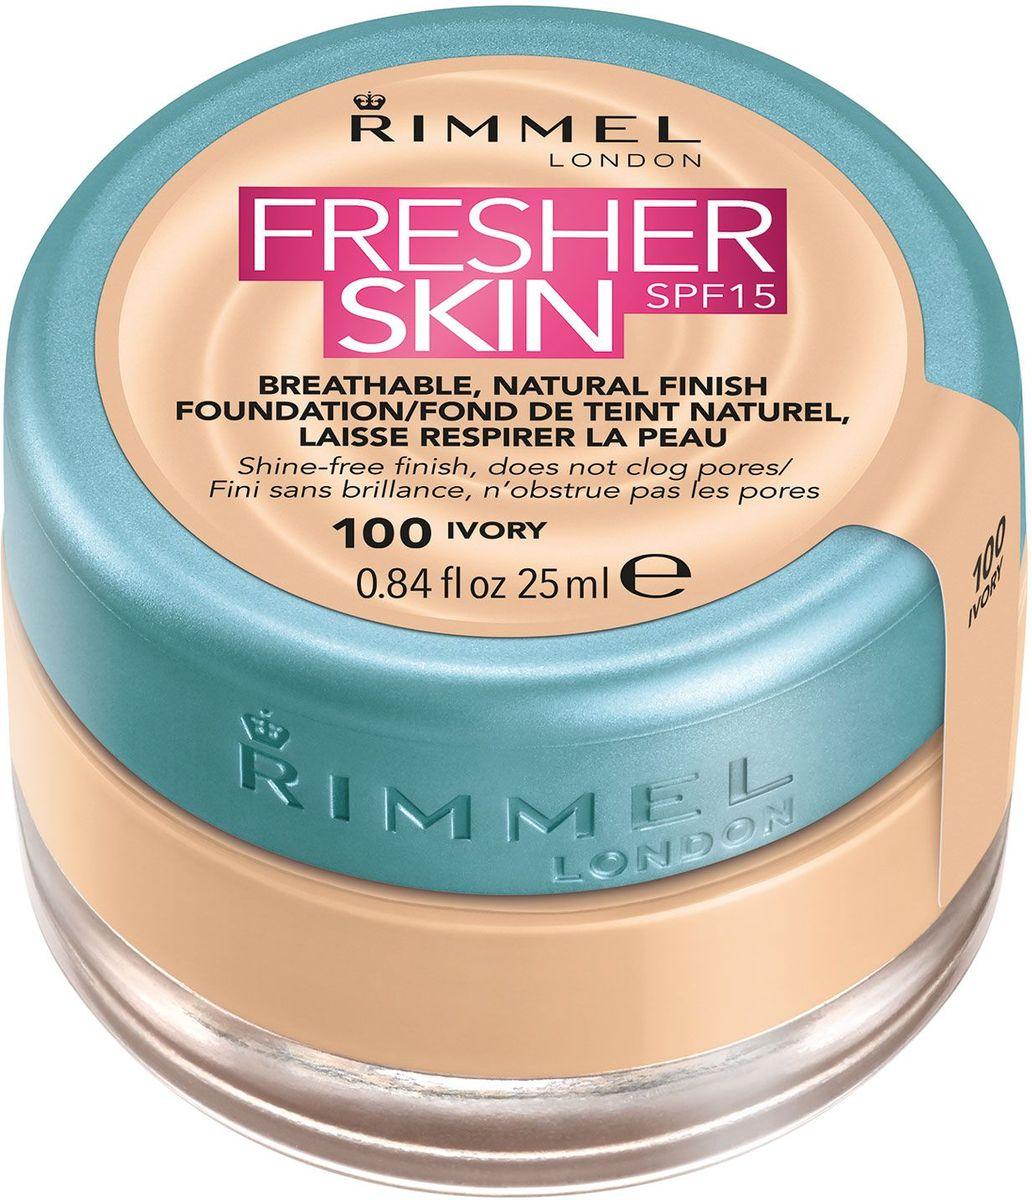 Rimmel Тональный крем Fresher Skin, тон № 100, 25 мл34775699100Легкая гелевая формула на водной основе незаметно сливается с кожей, придавая ей ощущение свежести на целый деньНевесомая текстура позволяет наслаивать тональное средство, не забивая поры и оставляя ощущение и вид безупречной, отдохнувшей кожиБез блеска с момента нанесения надолгоСолнцезащитный фактор SPF15